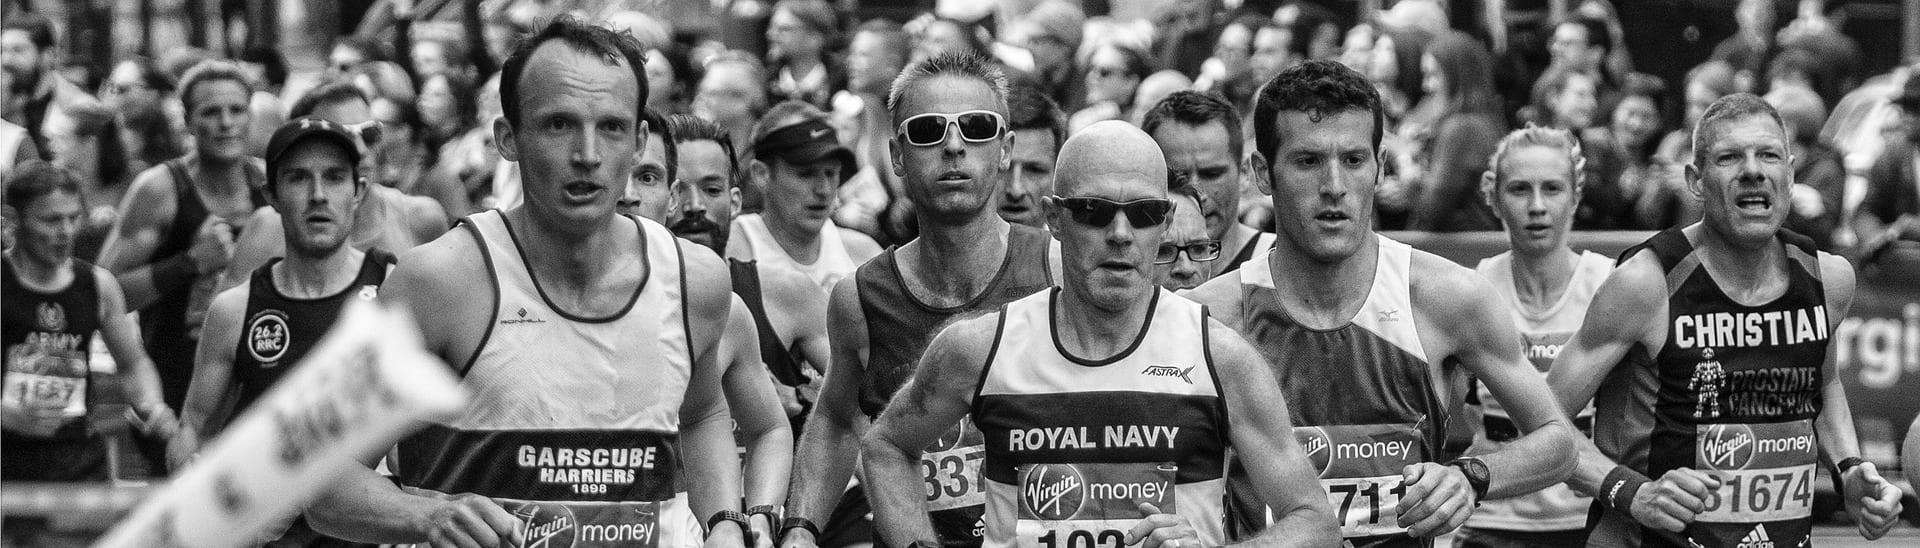 Ruta del Maratón de Londres